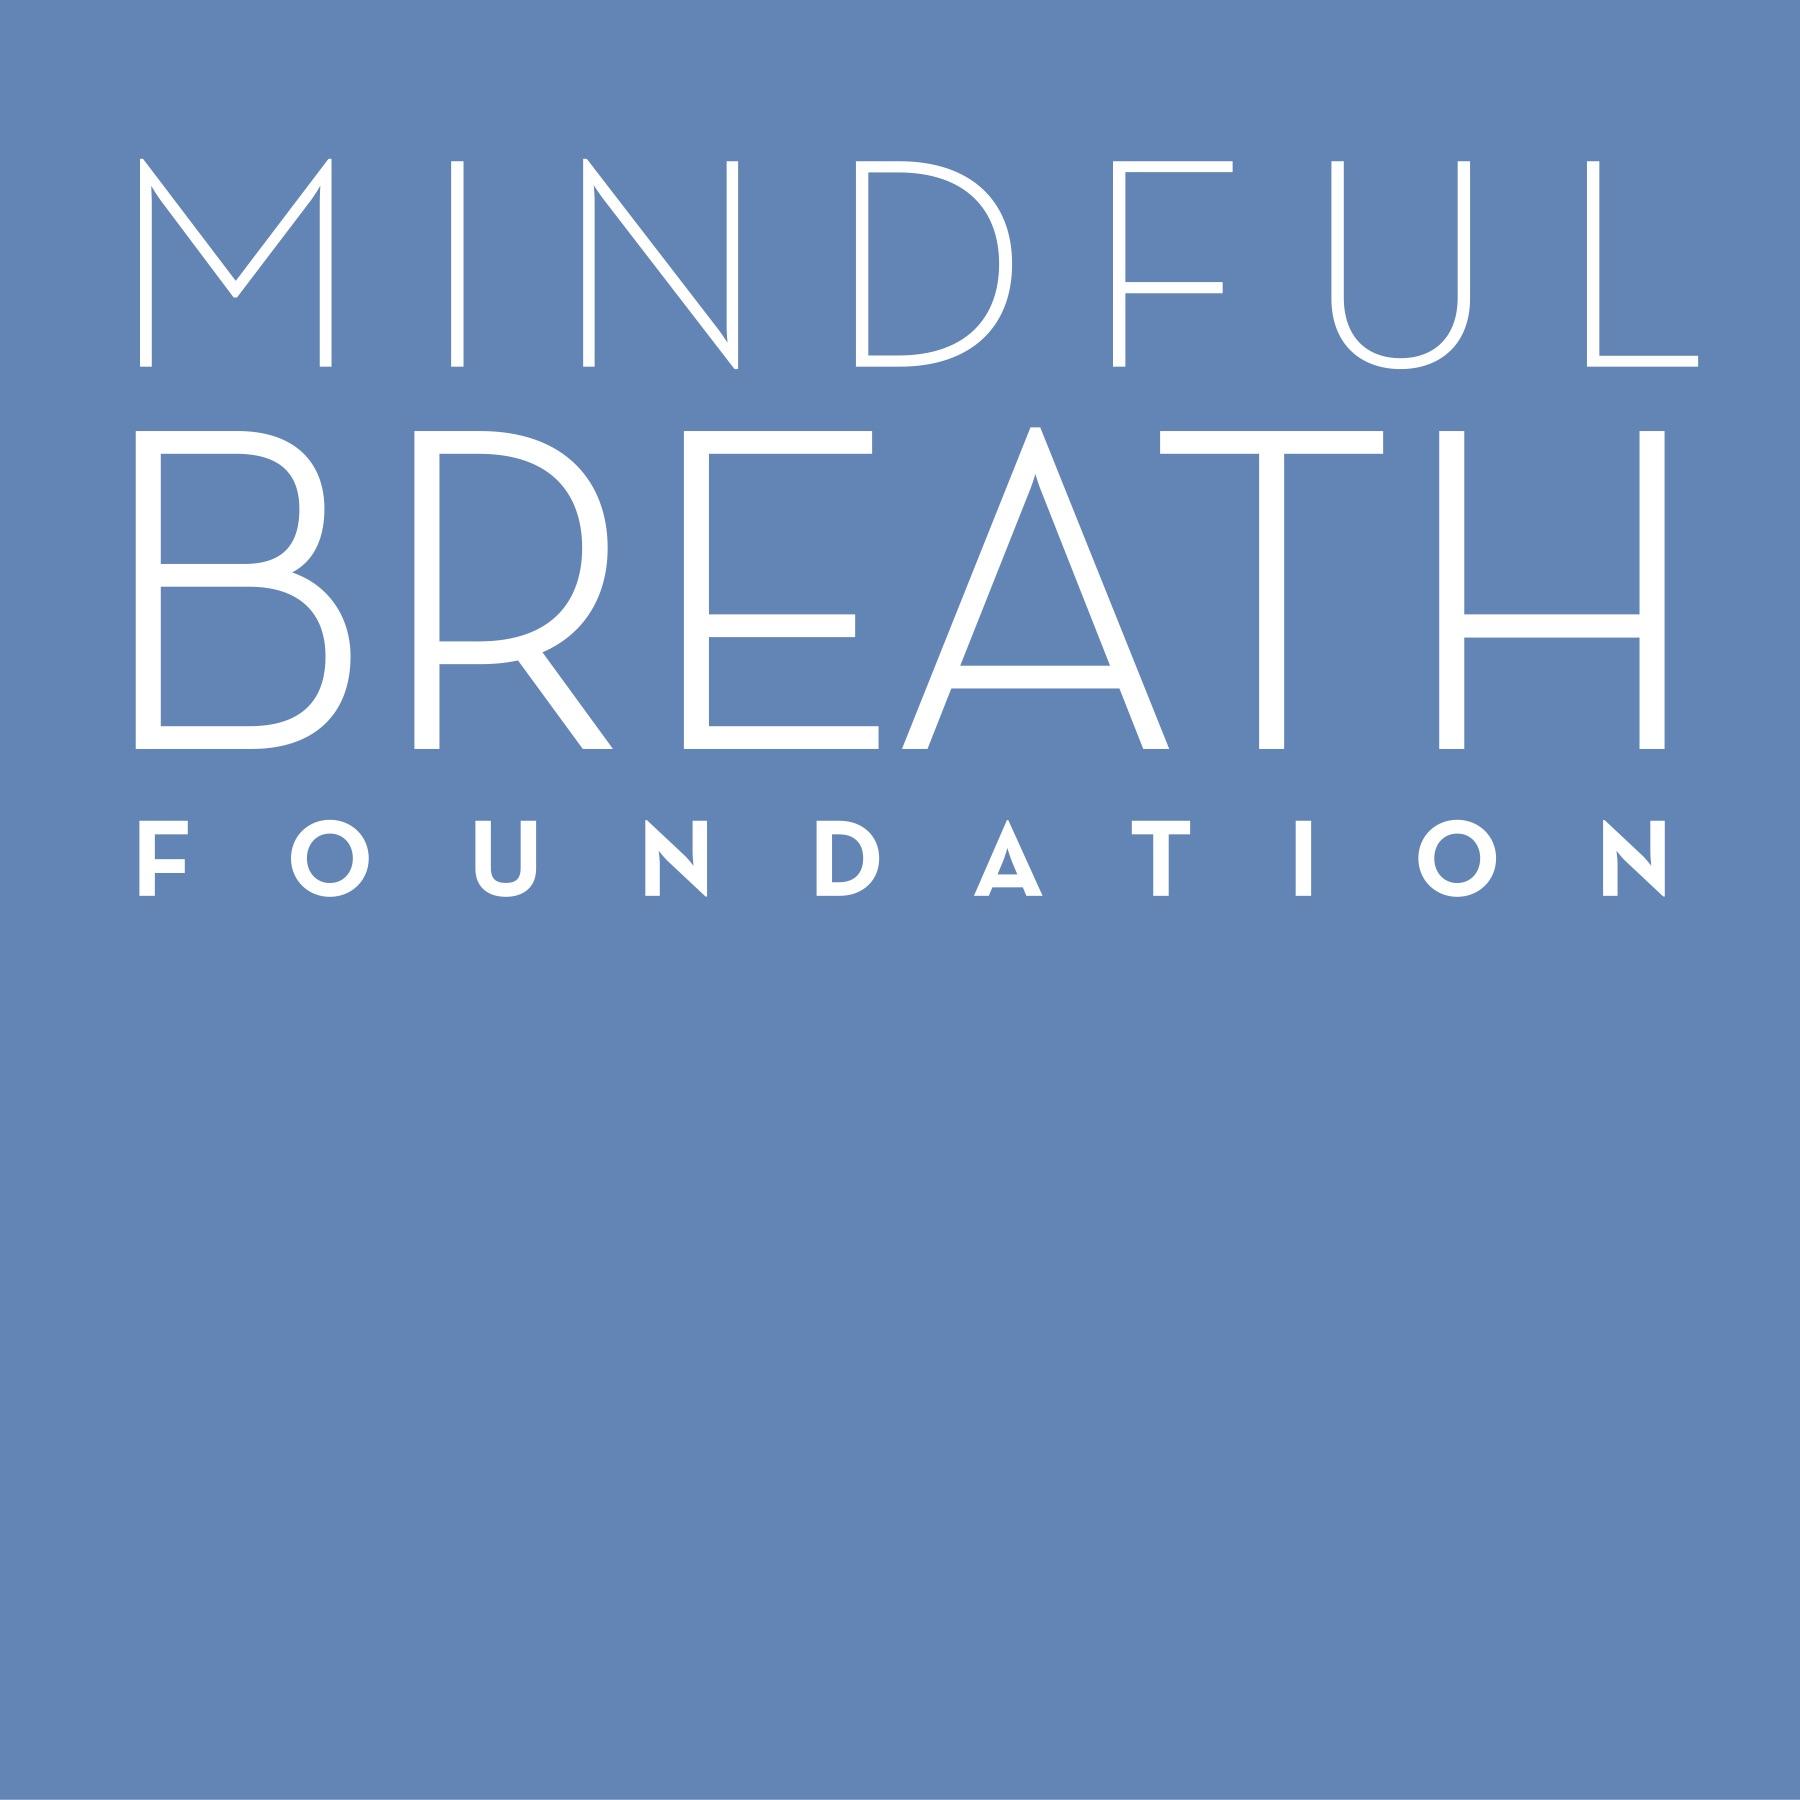 MindfulBreath.jpg